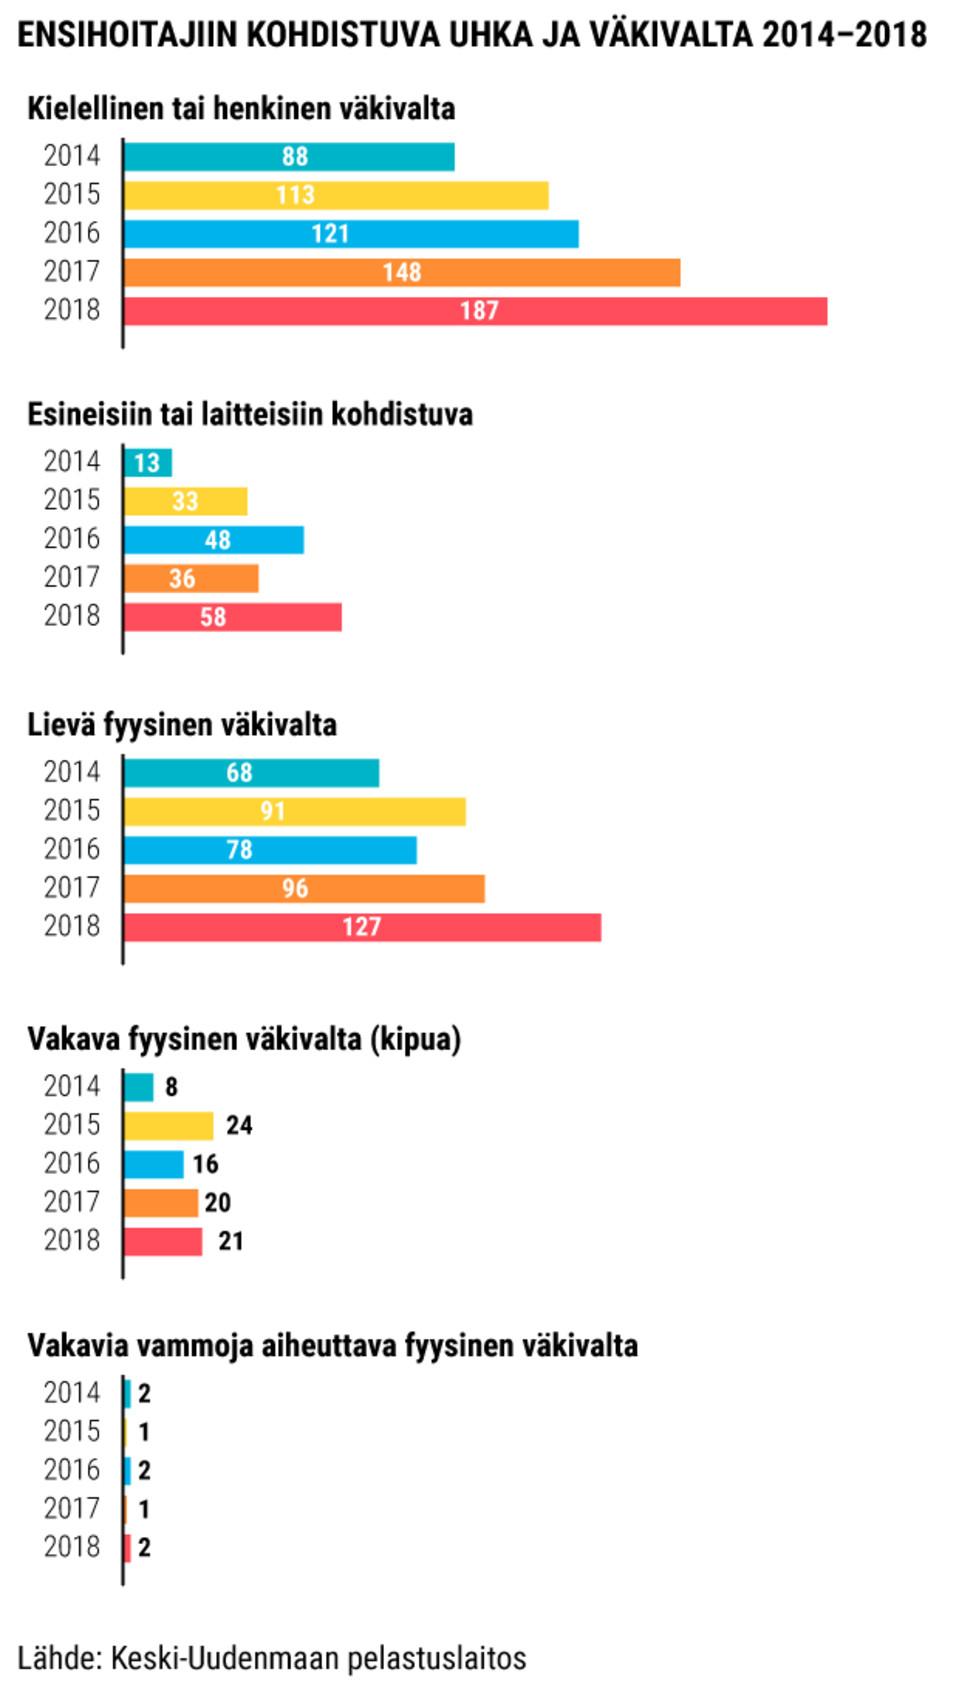 Ensihoitajiin kohdistuva uhka ja väkivalta 2014-2018